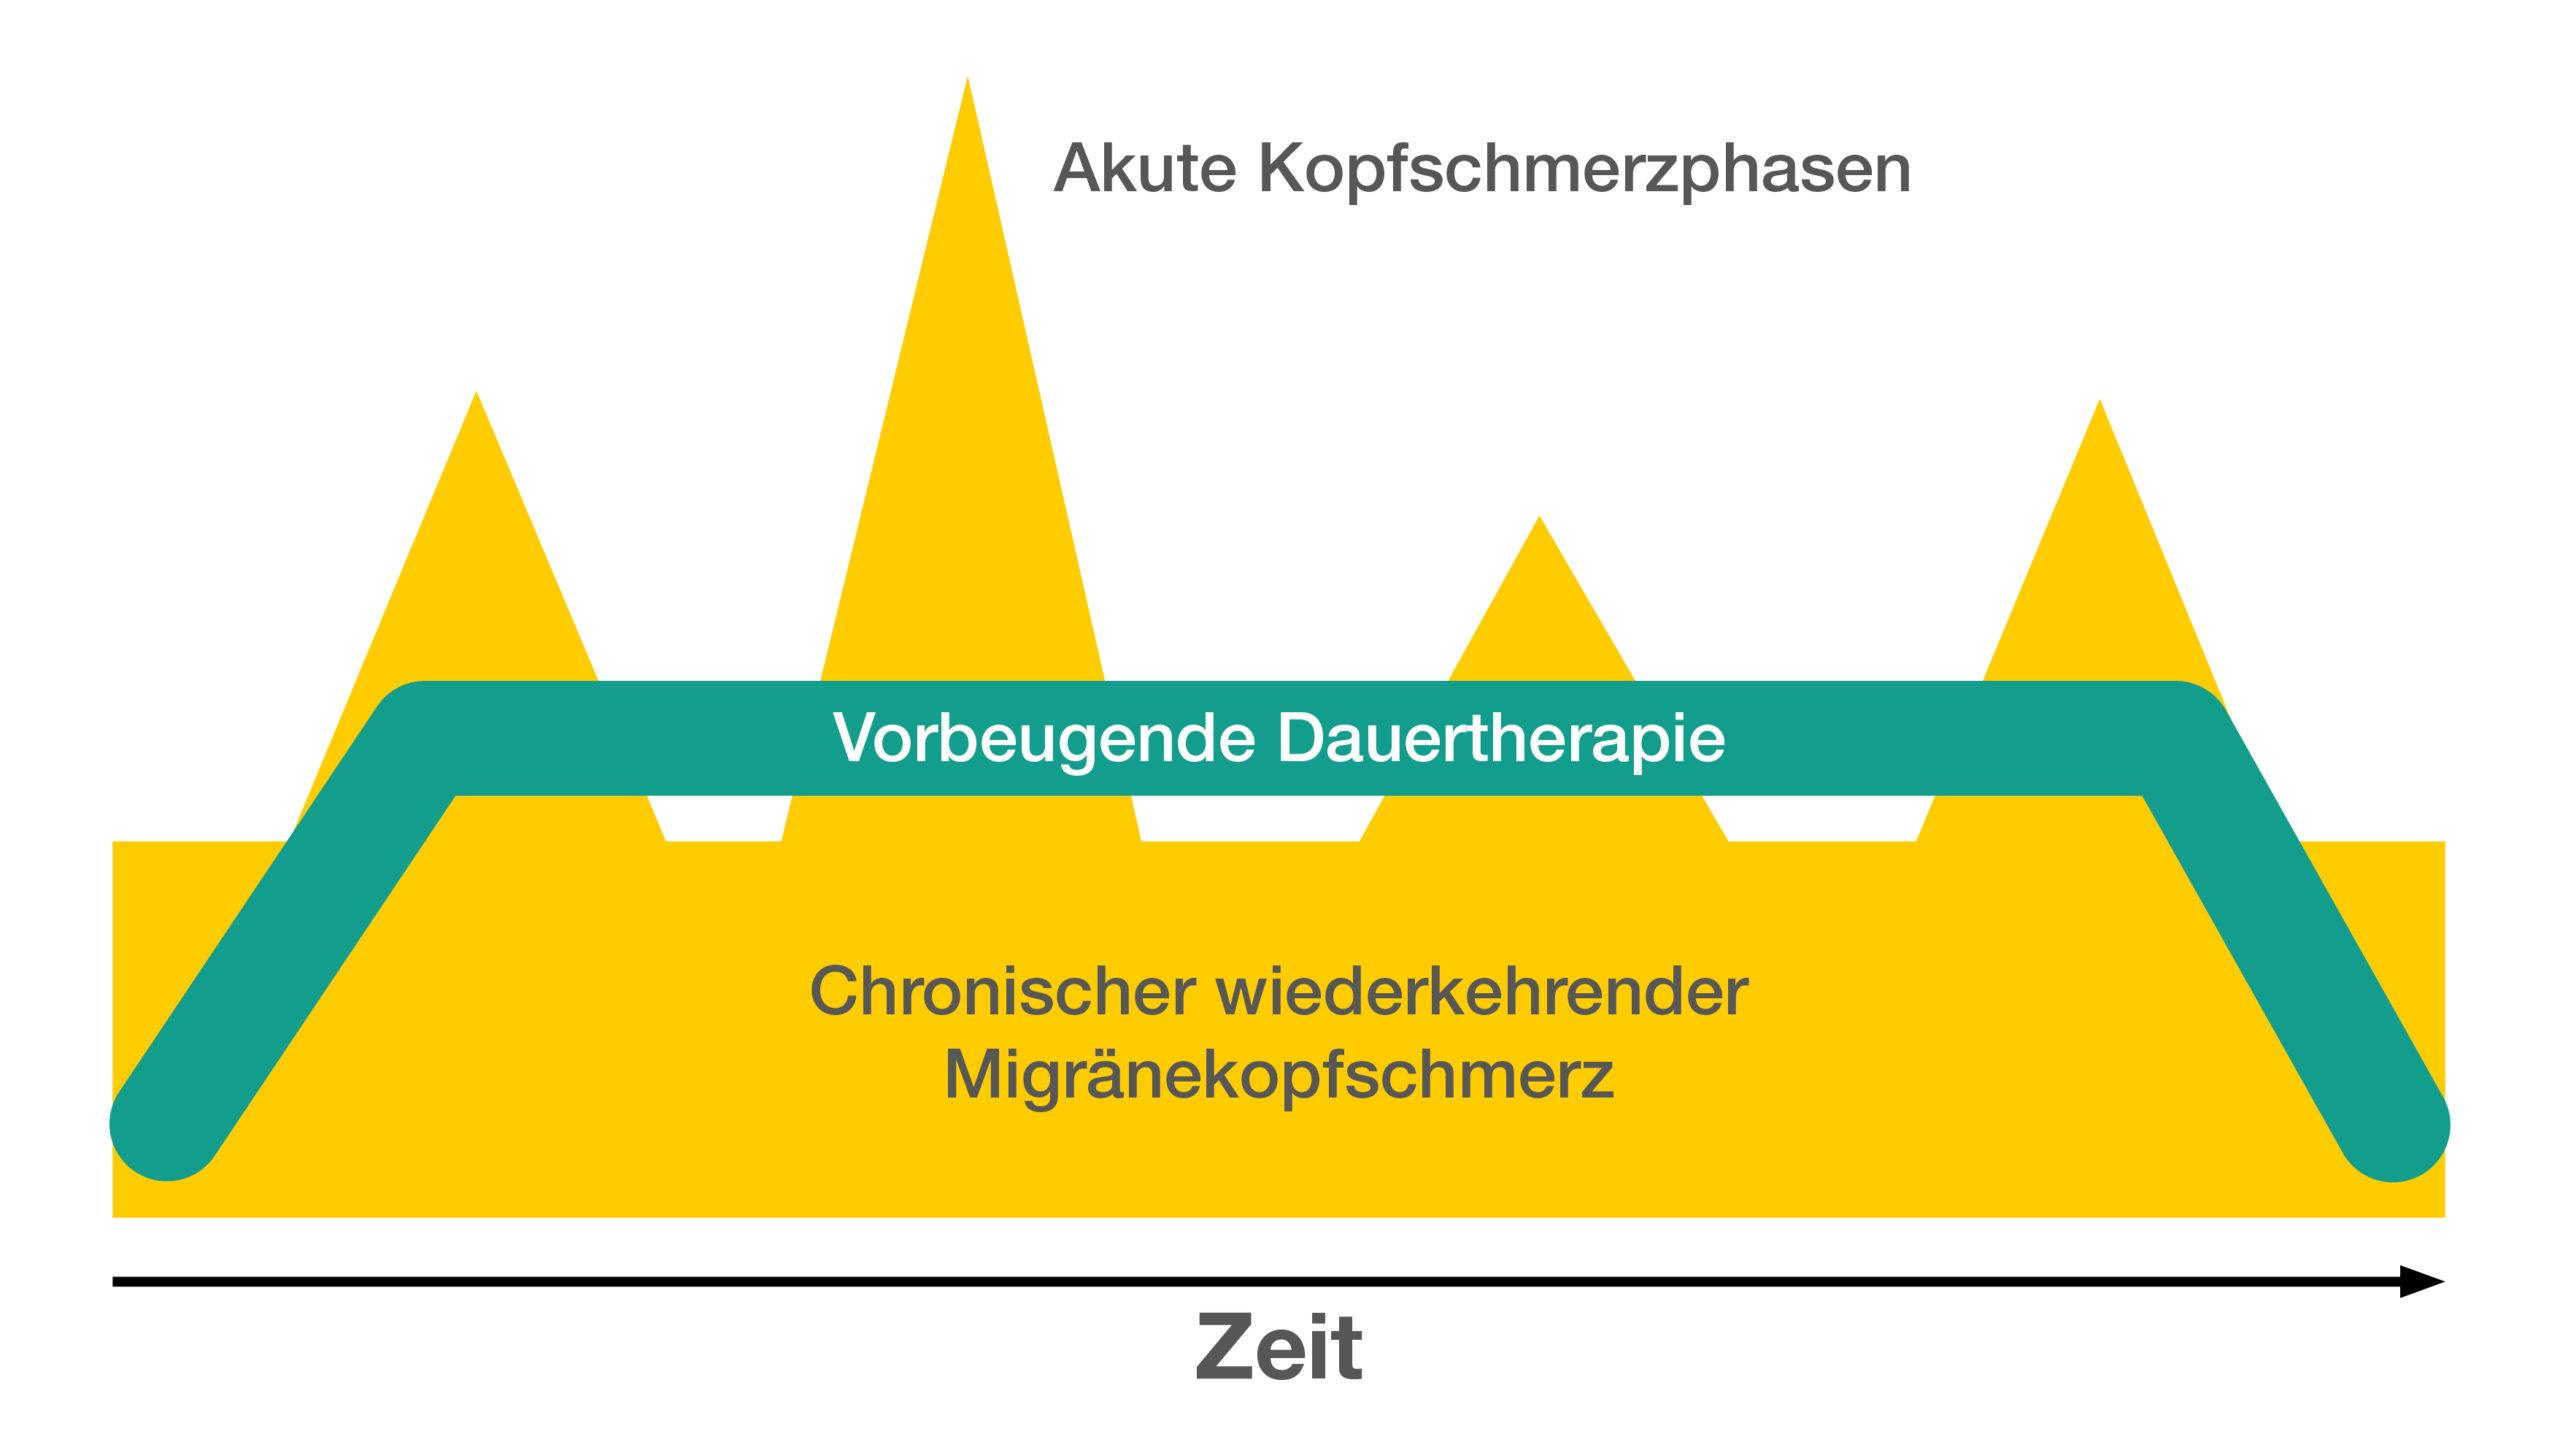 Die unterschiedlichen Phasen bei Kopfschmerz